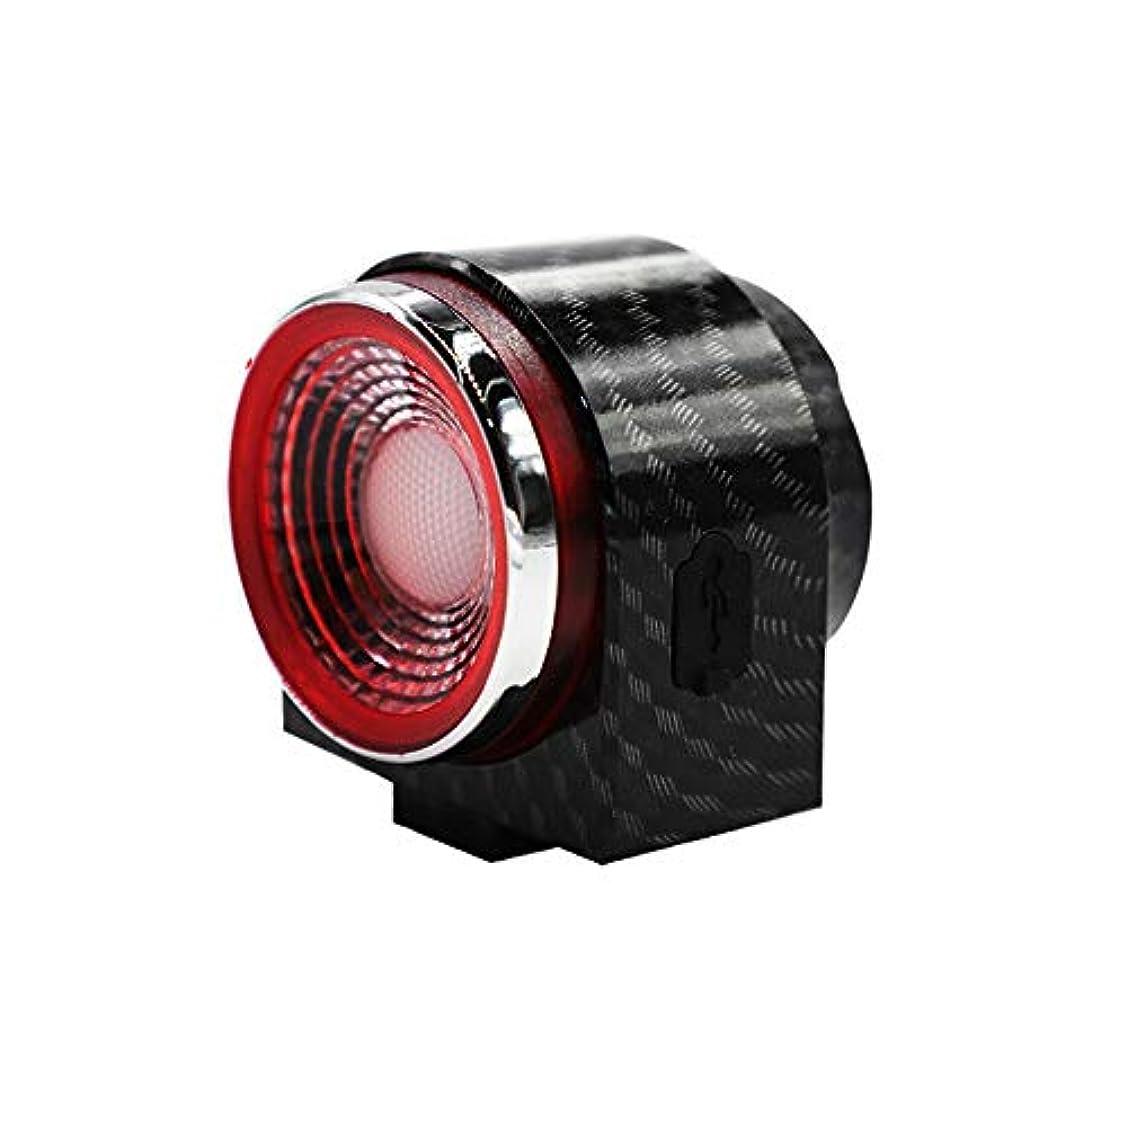 緩める契約サバントA6S 自転車盗難防止警報テールライト、ワイヤレススピーカーライト、USB充電 夜の乗馬スマートテールライト